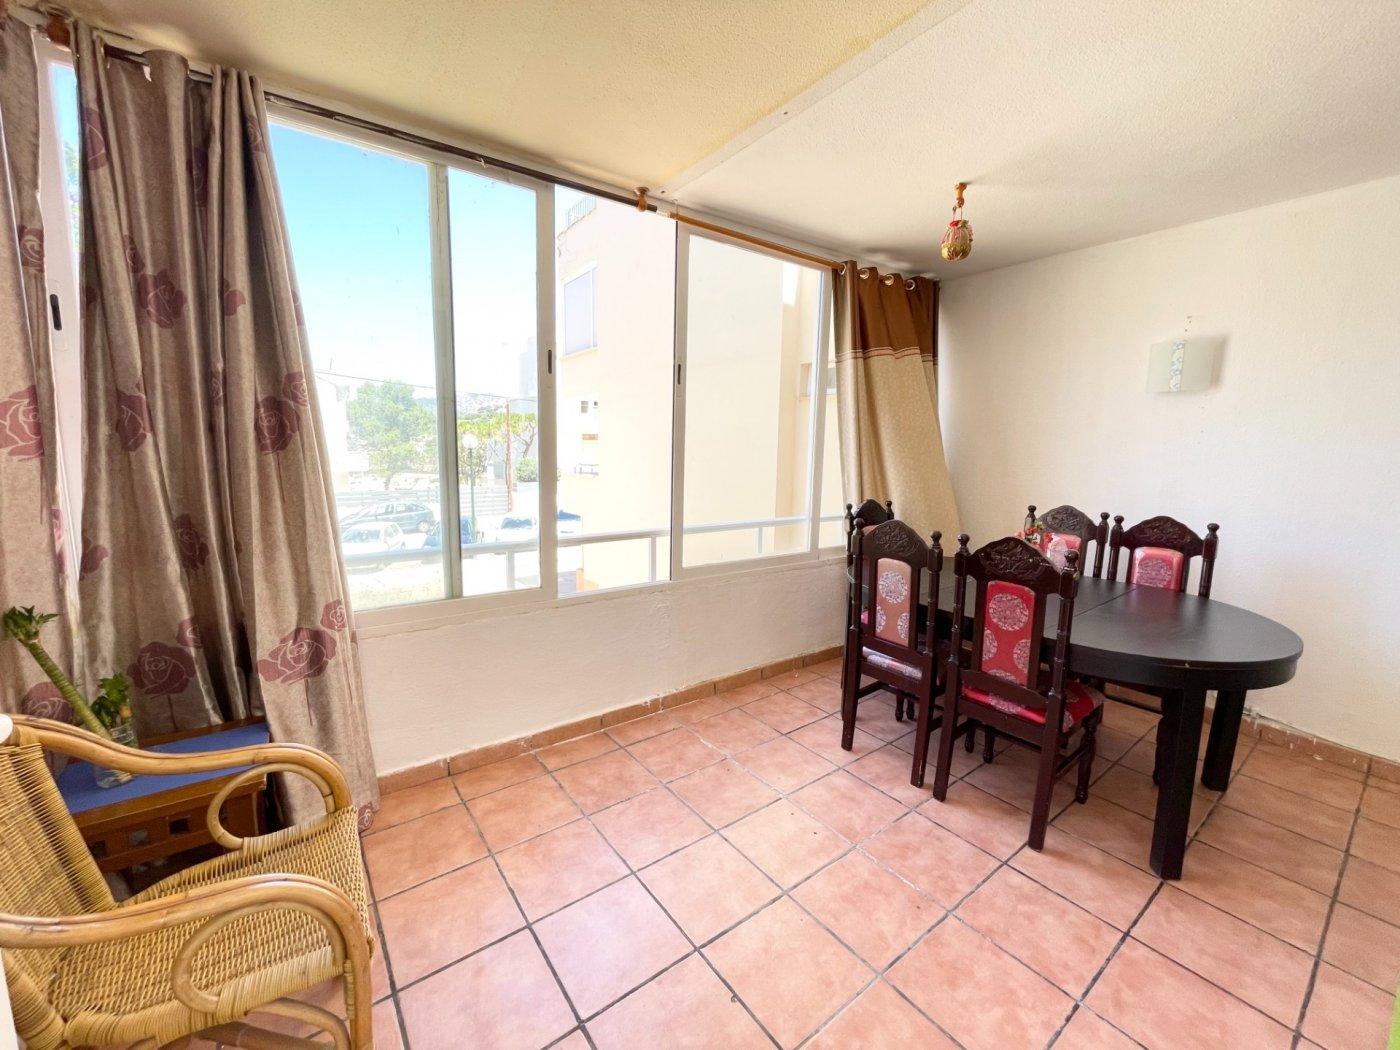 Se vende piso de dos dormitorios con piscina y parking comunitaria - imagenInmueble5